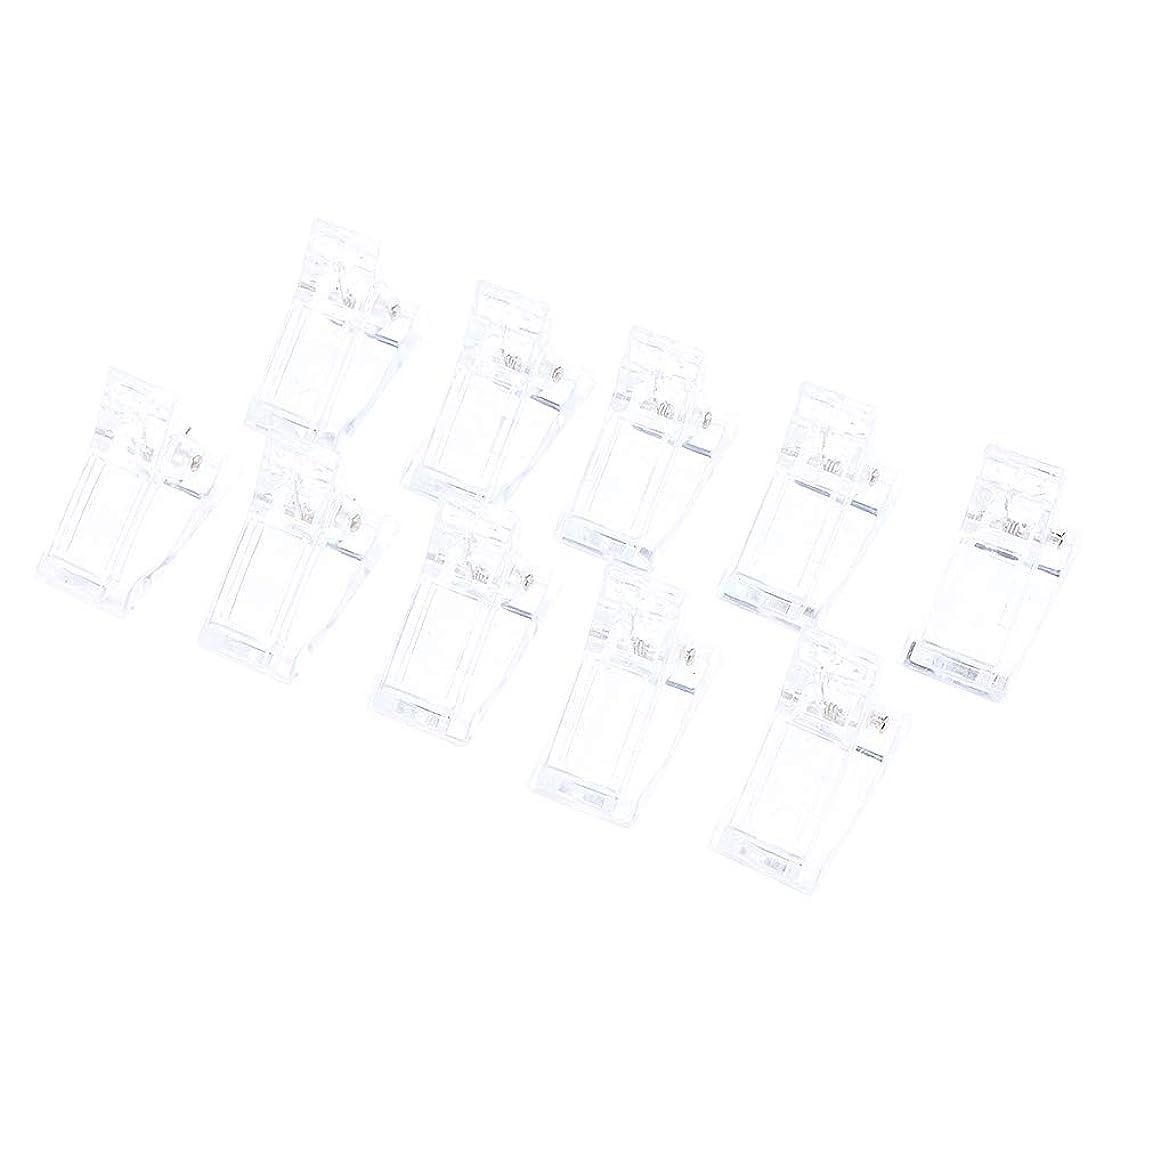 奴隷交通フック10ピース/セットポリゲルクイックビルネイルアートのヒントクリップ爪用 - UV Ledネイルプラスチックアシスタントツール